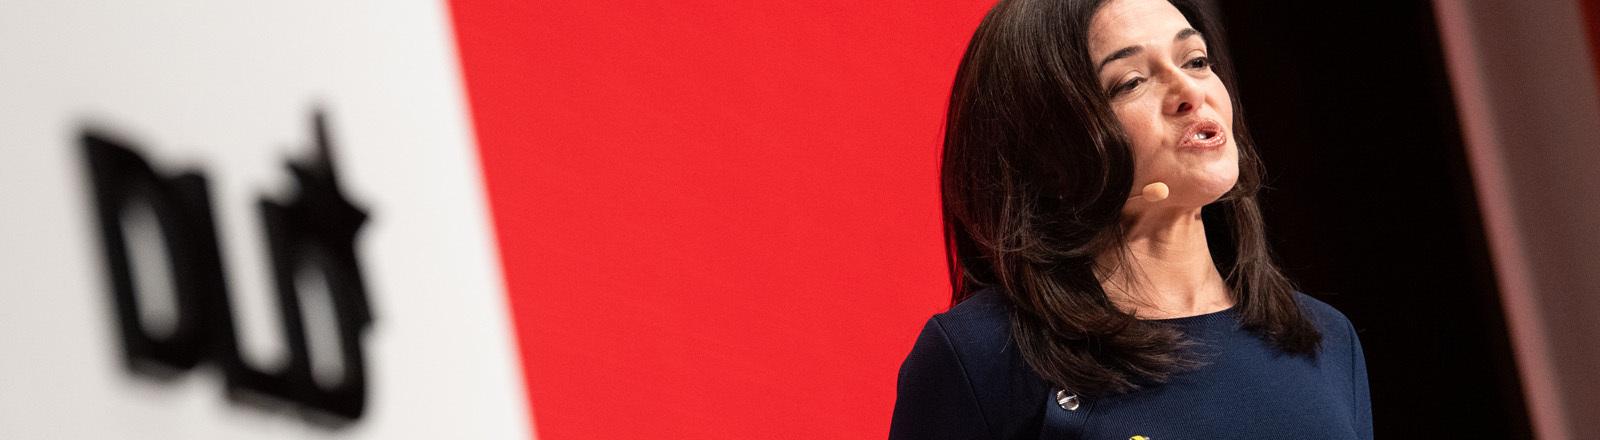 Sheryl Sandberg 2019 bei der DLD-Konferenz in München.